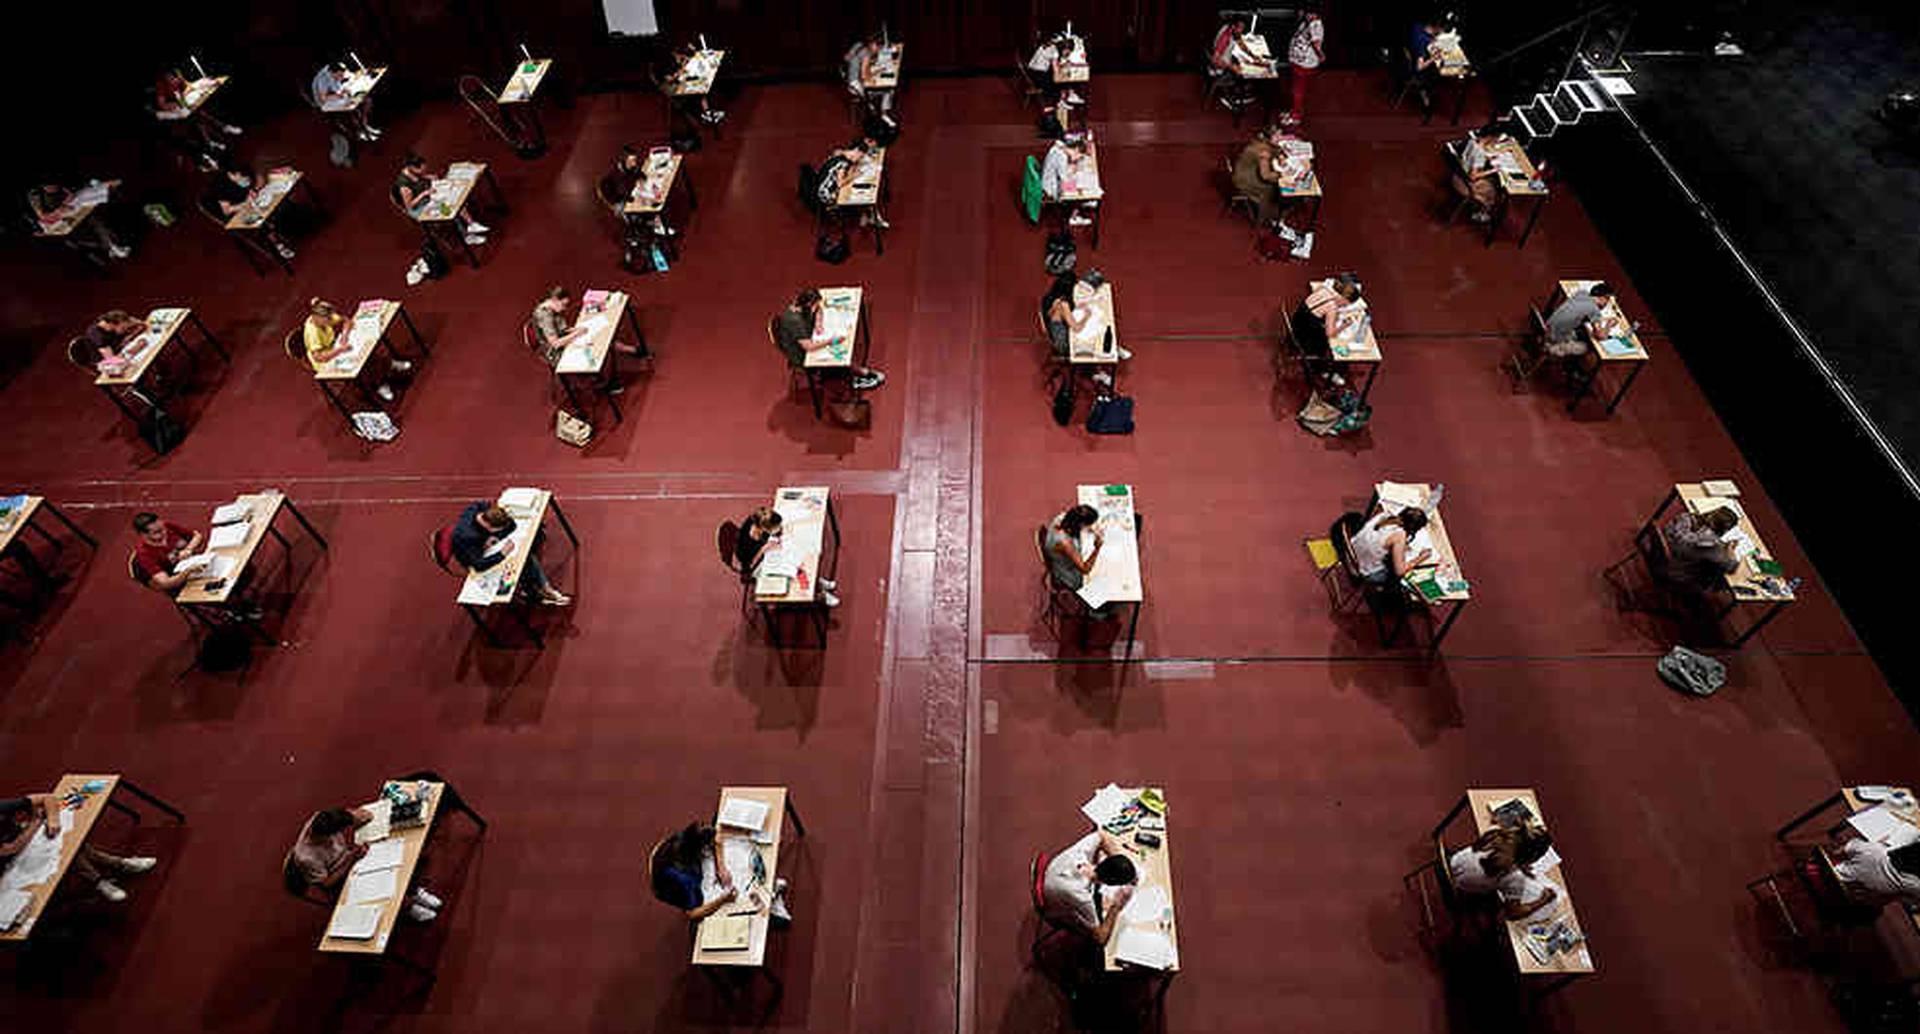 Universitarios presentan sus exámenes en la sala de conciertos Ancienne Belgique para mantener el distanciamiento social. Bruselas, Bélgica. // AFP/Kenzo Triboullard.